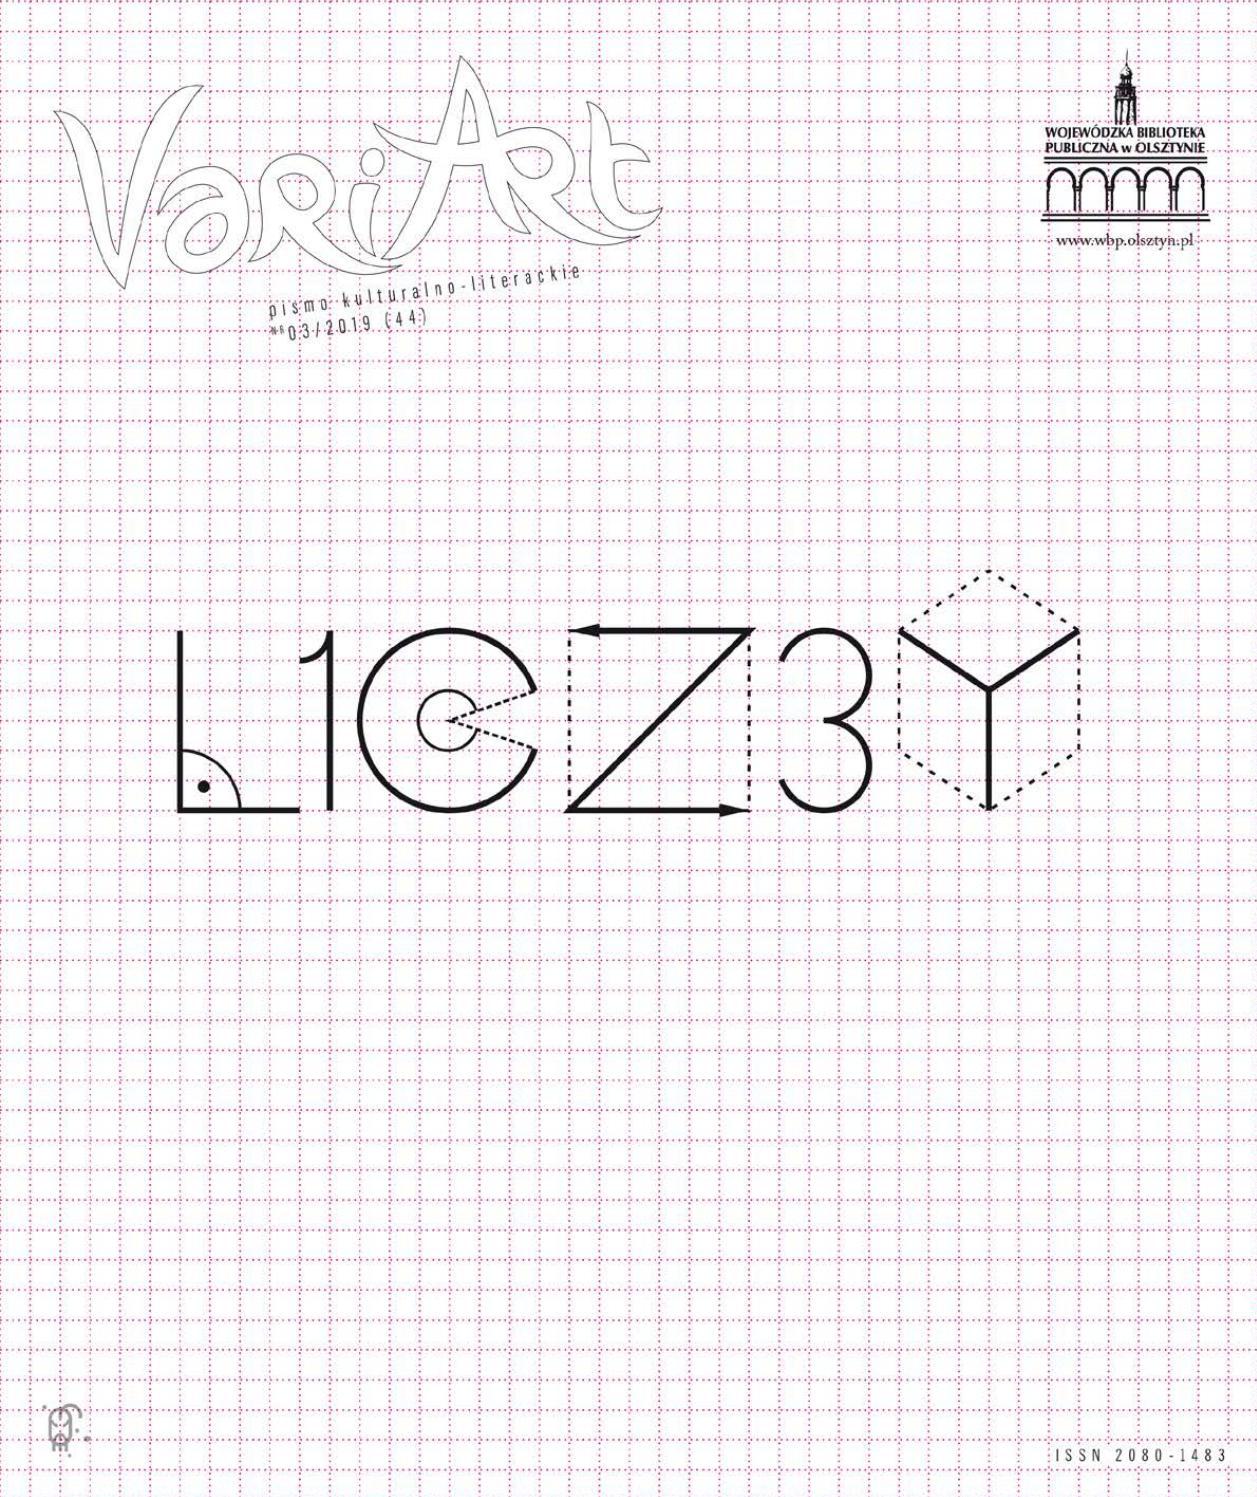 Variart 32019 By Wojewódzka Biblioteka Publiczna W